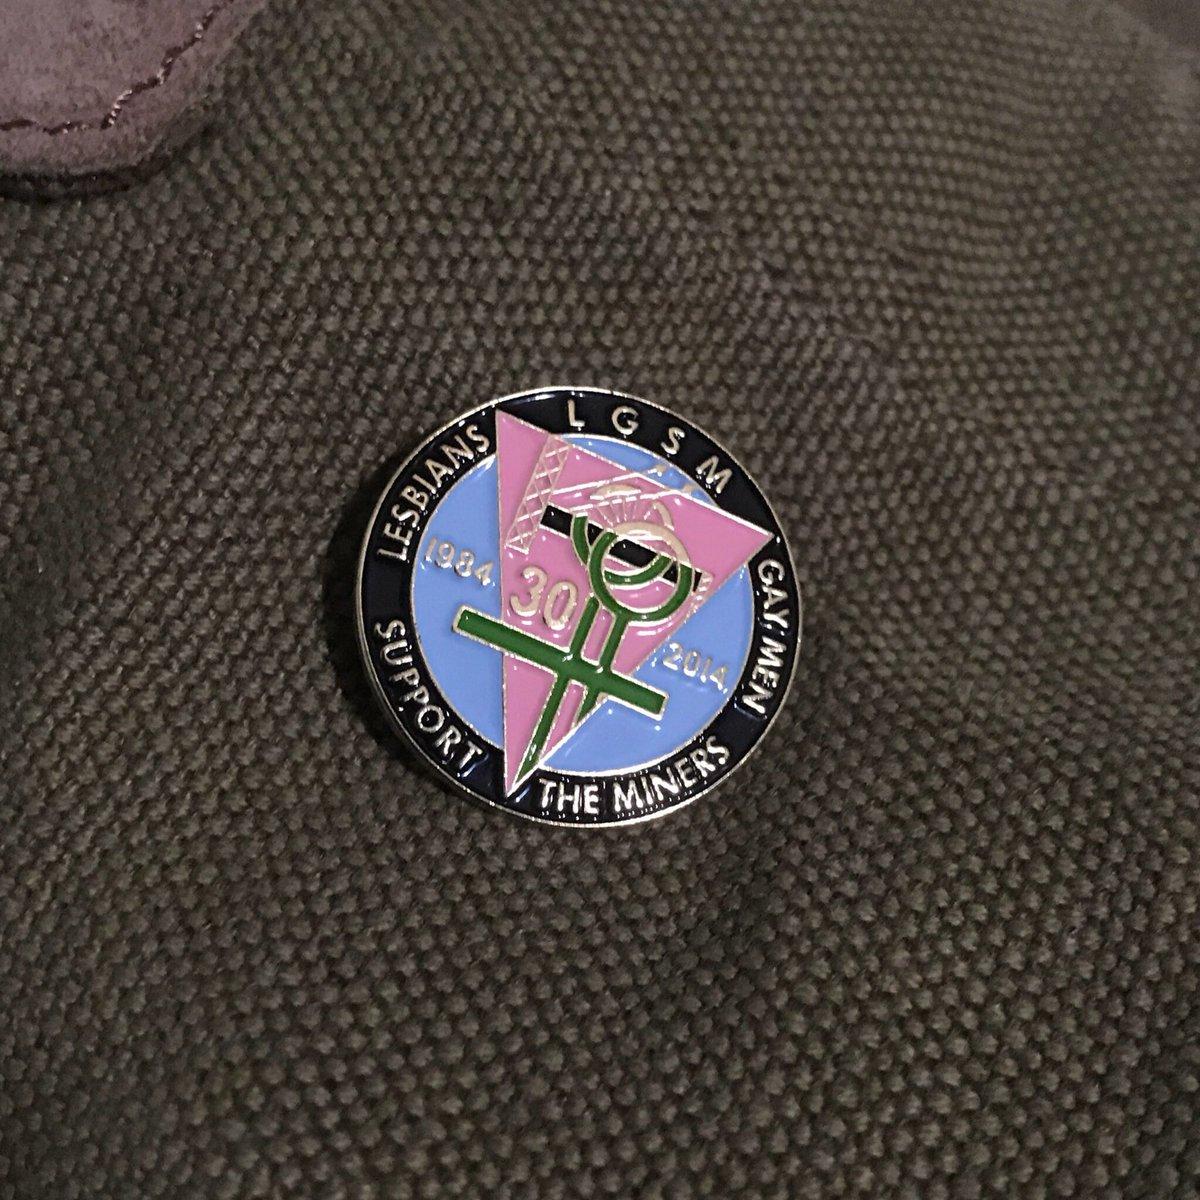 LGSM pin